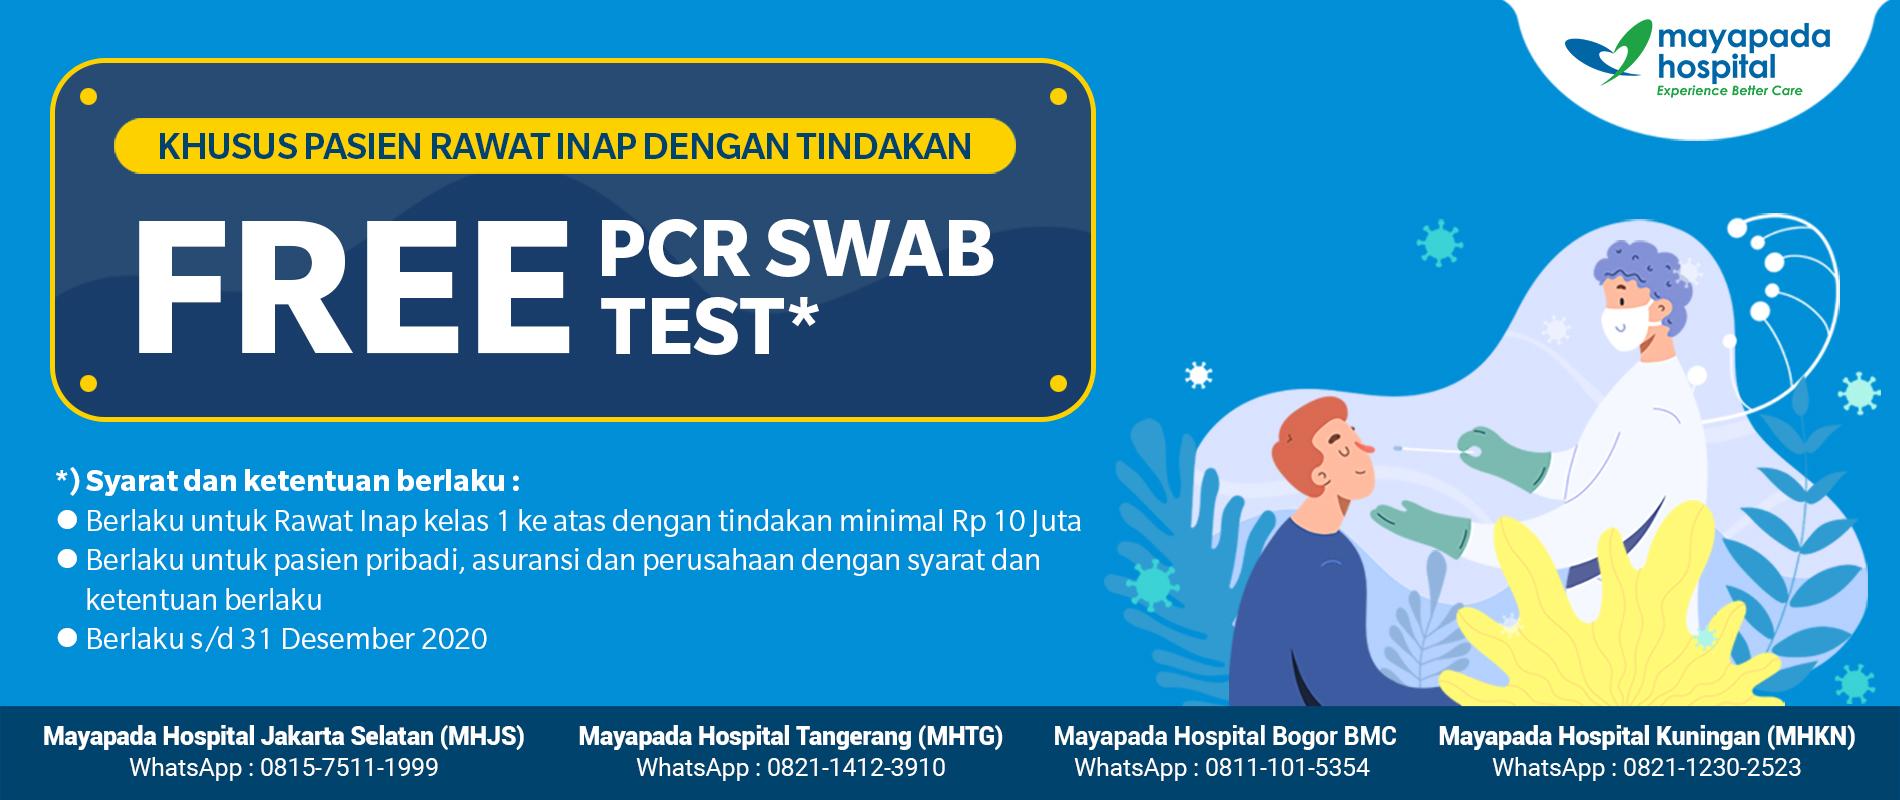 Gratis PCR Swab Khusus Pasien Rawat Inap IMG